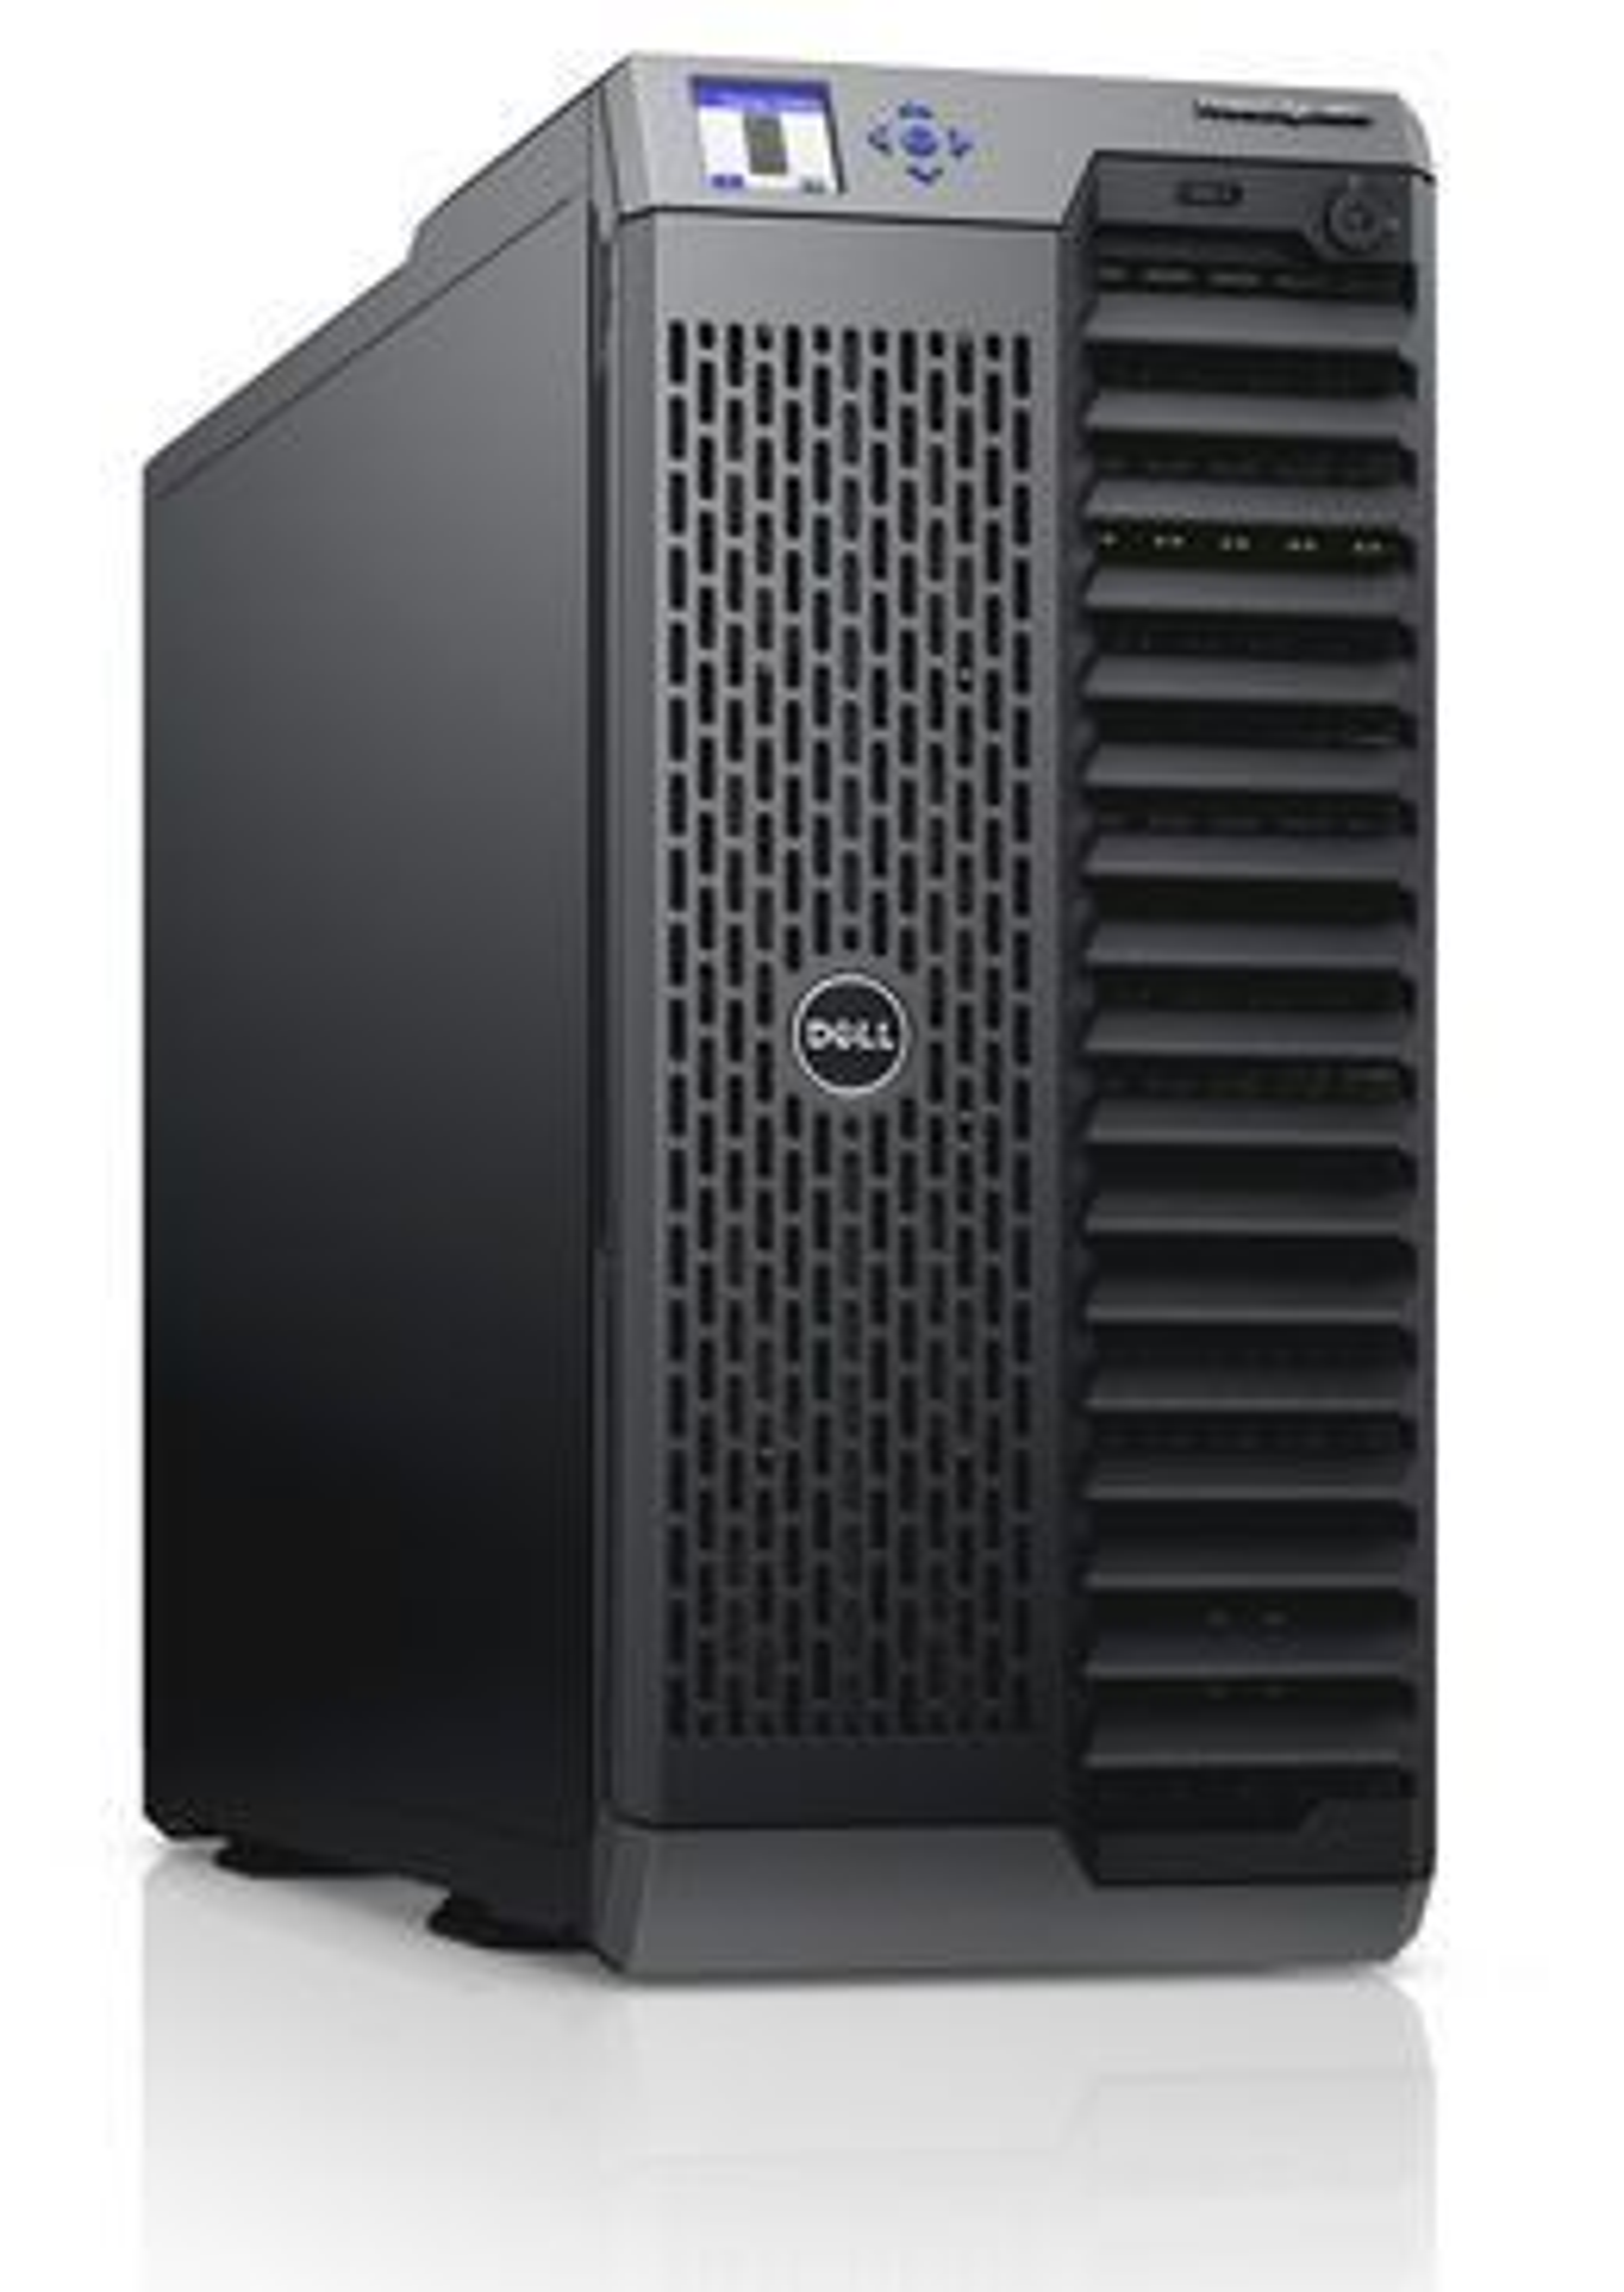 Hver M620-server i VRTX kan ha opptil 8 prosessorkjerner (Xeon E5-2600) og opptil 768 gigabyte minne.